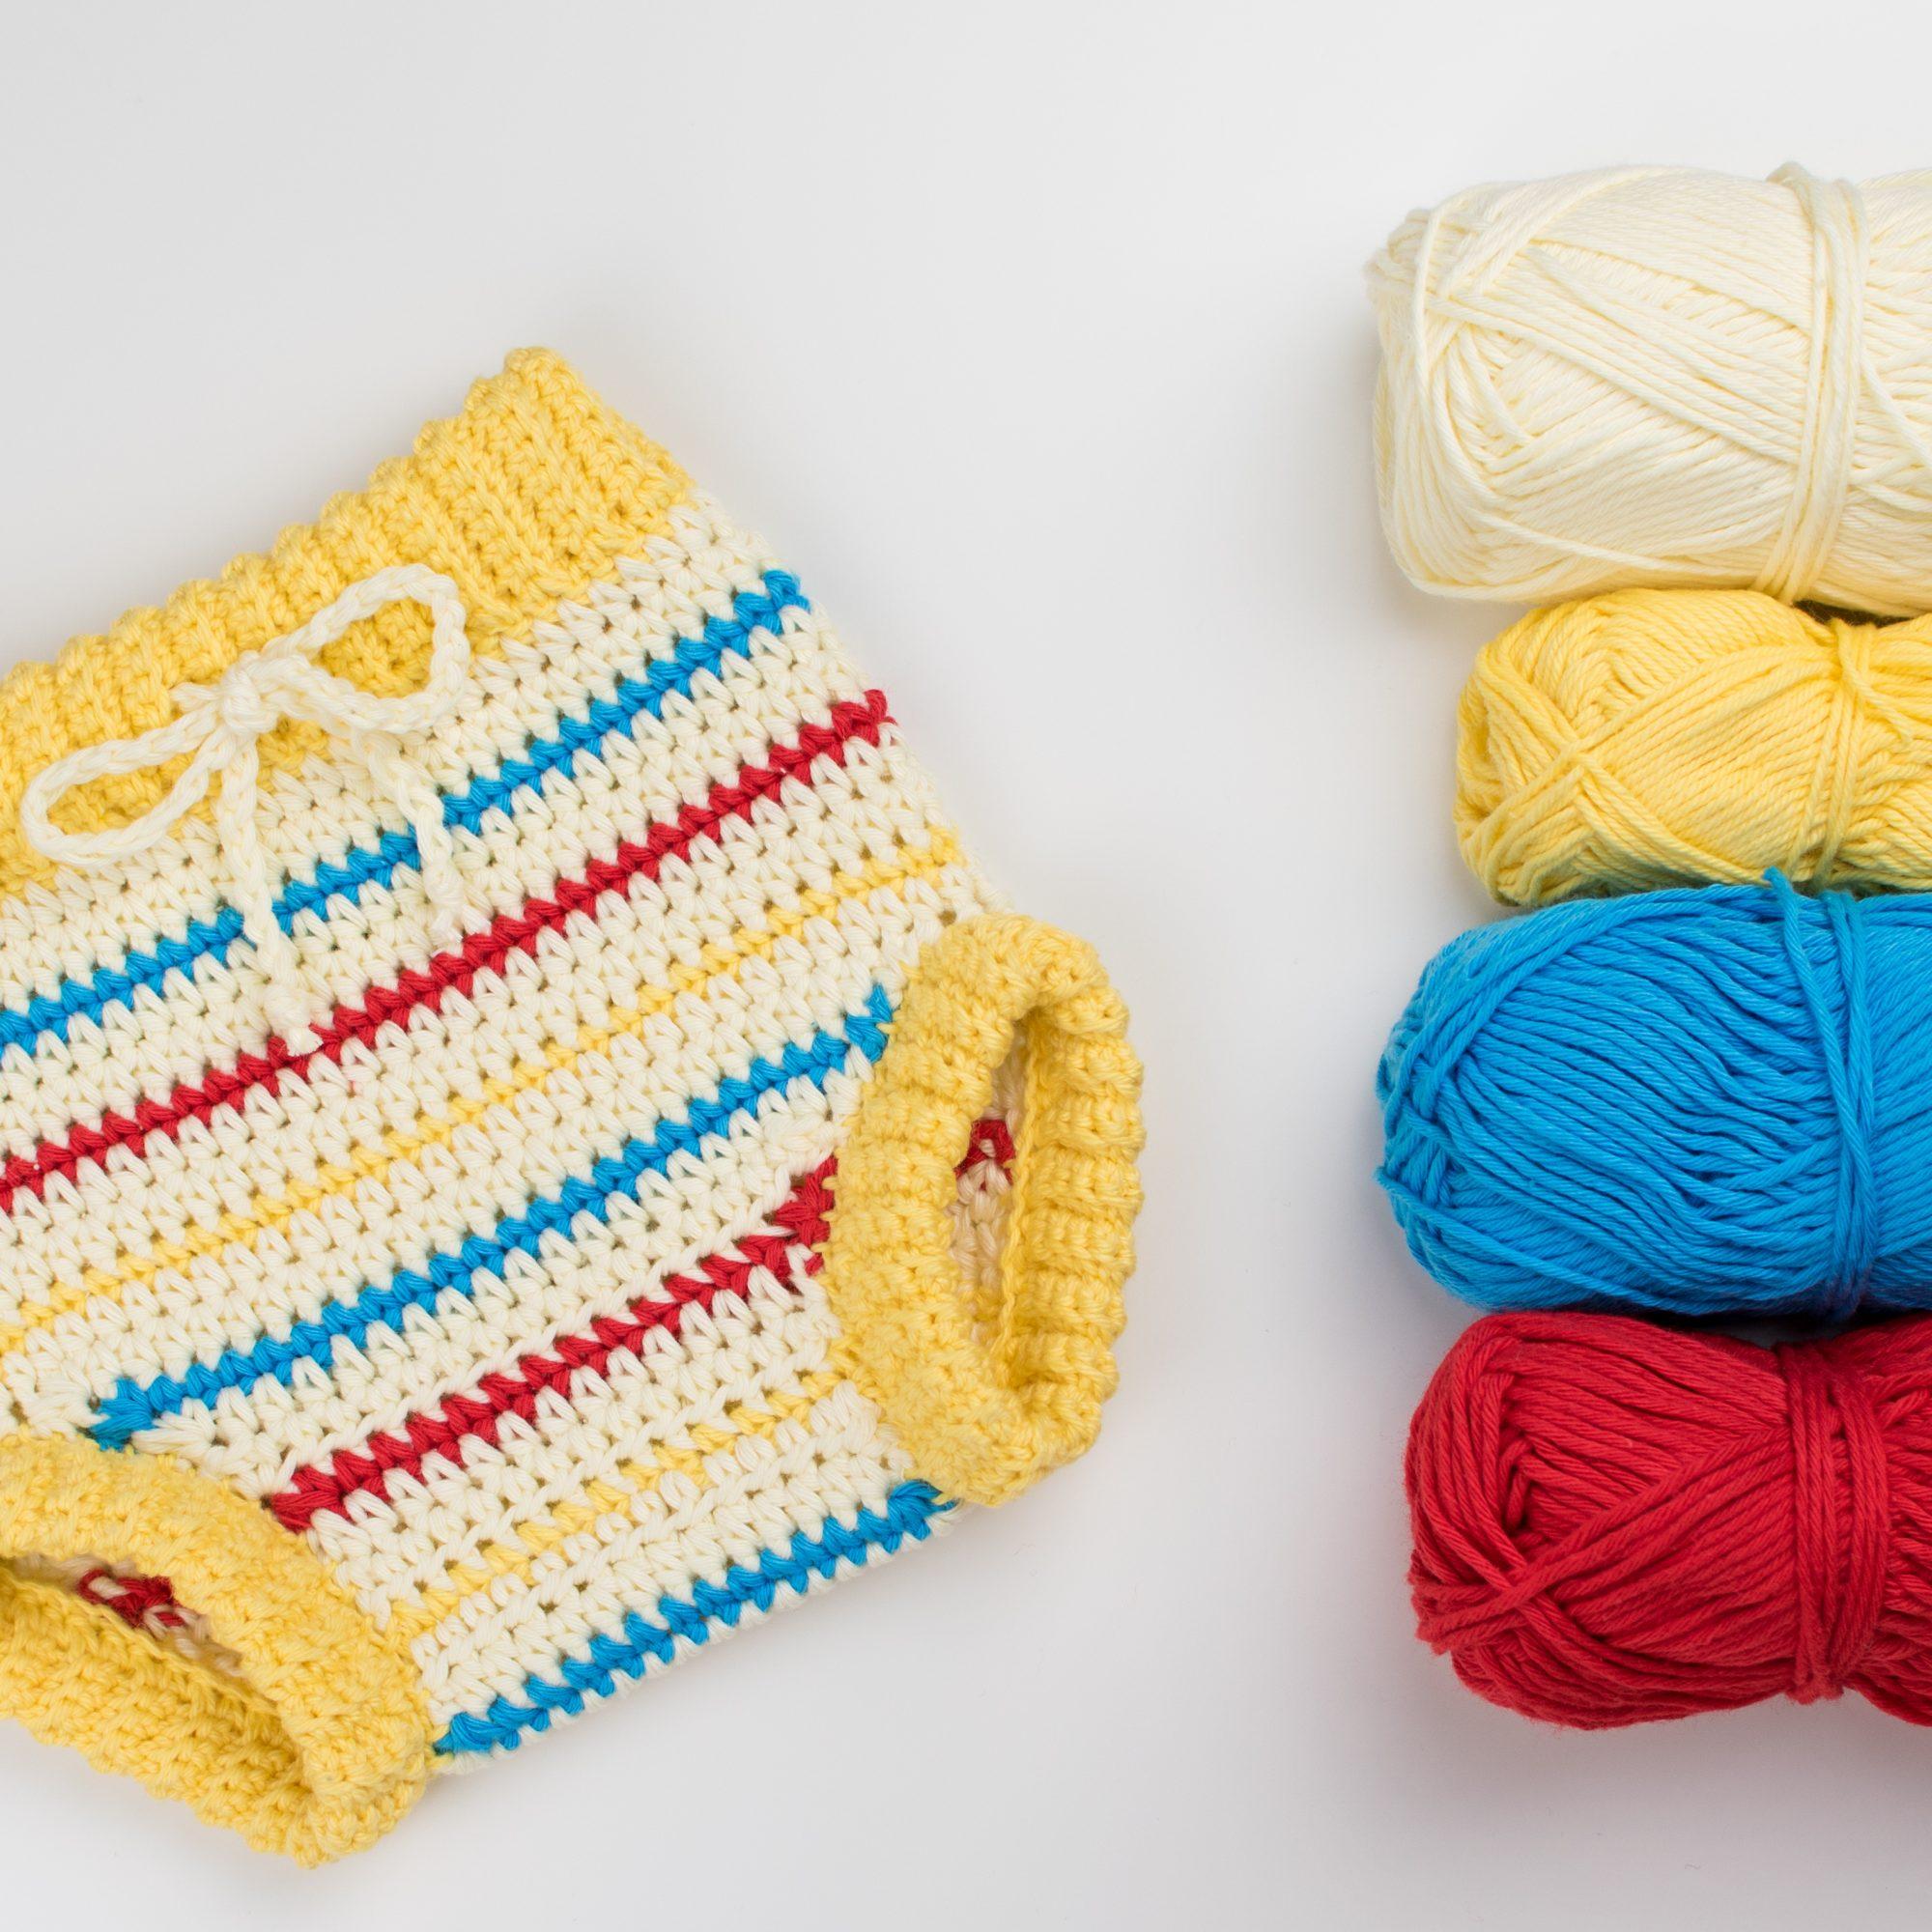 Free Crochet Patterns Newest Free Pattern Retro Chic Crochet Ba Pants Cro Patterns